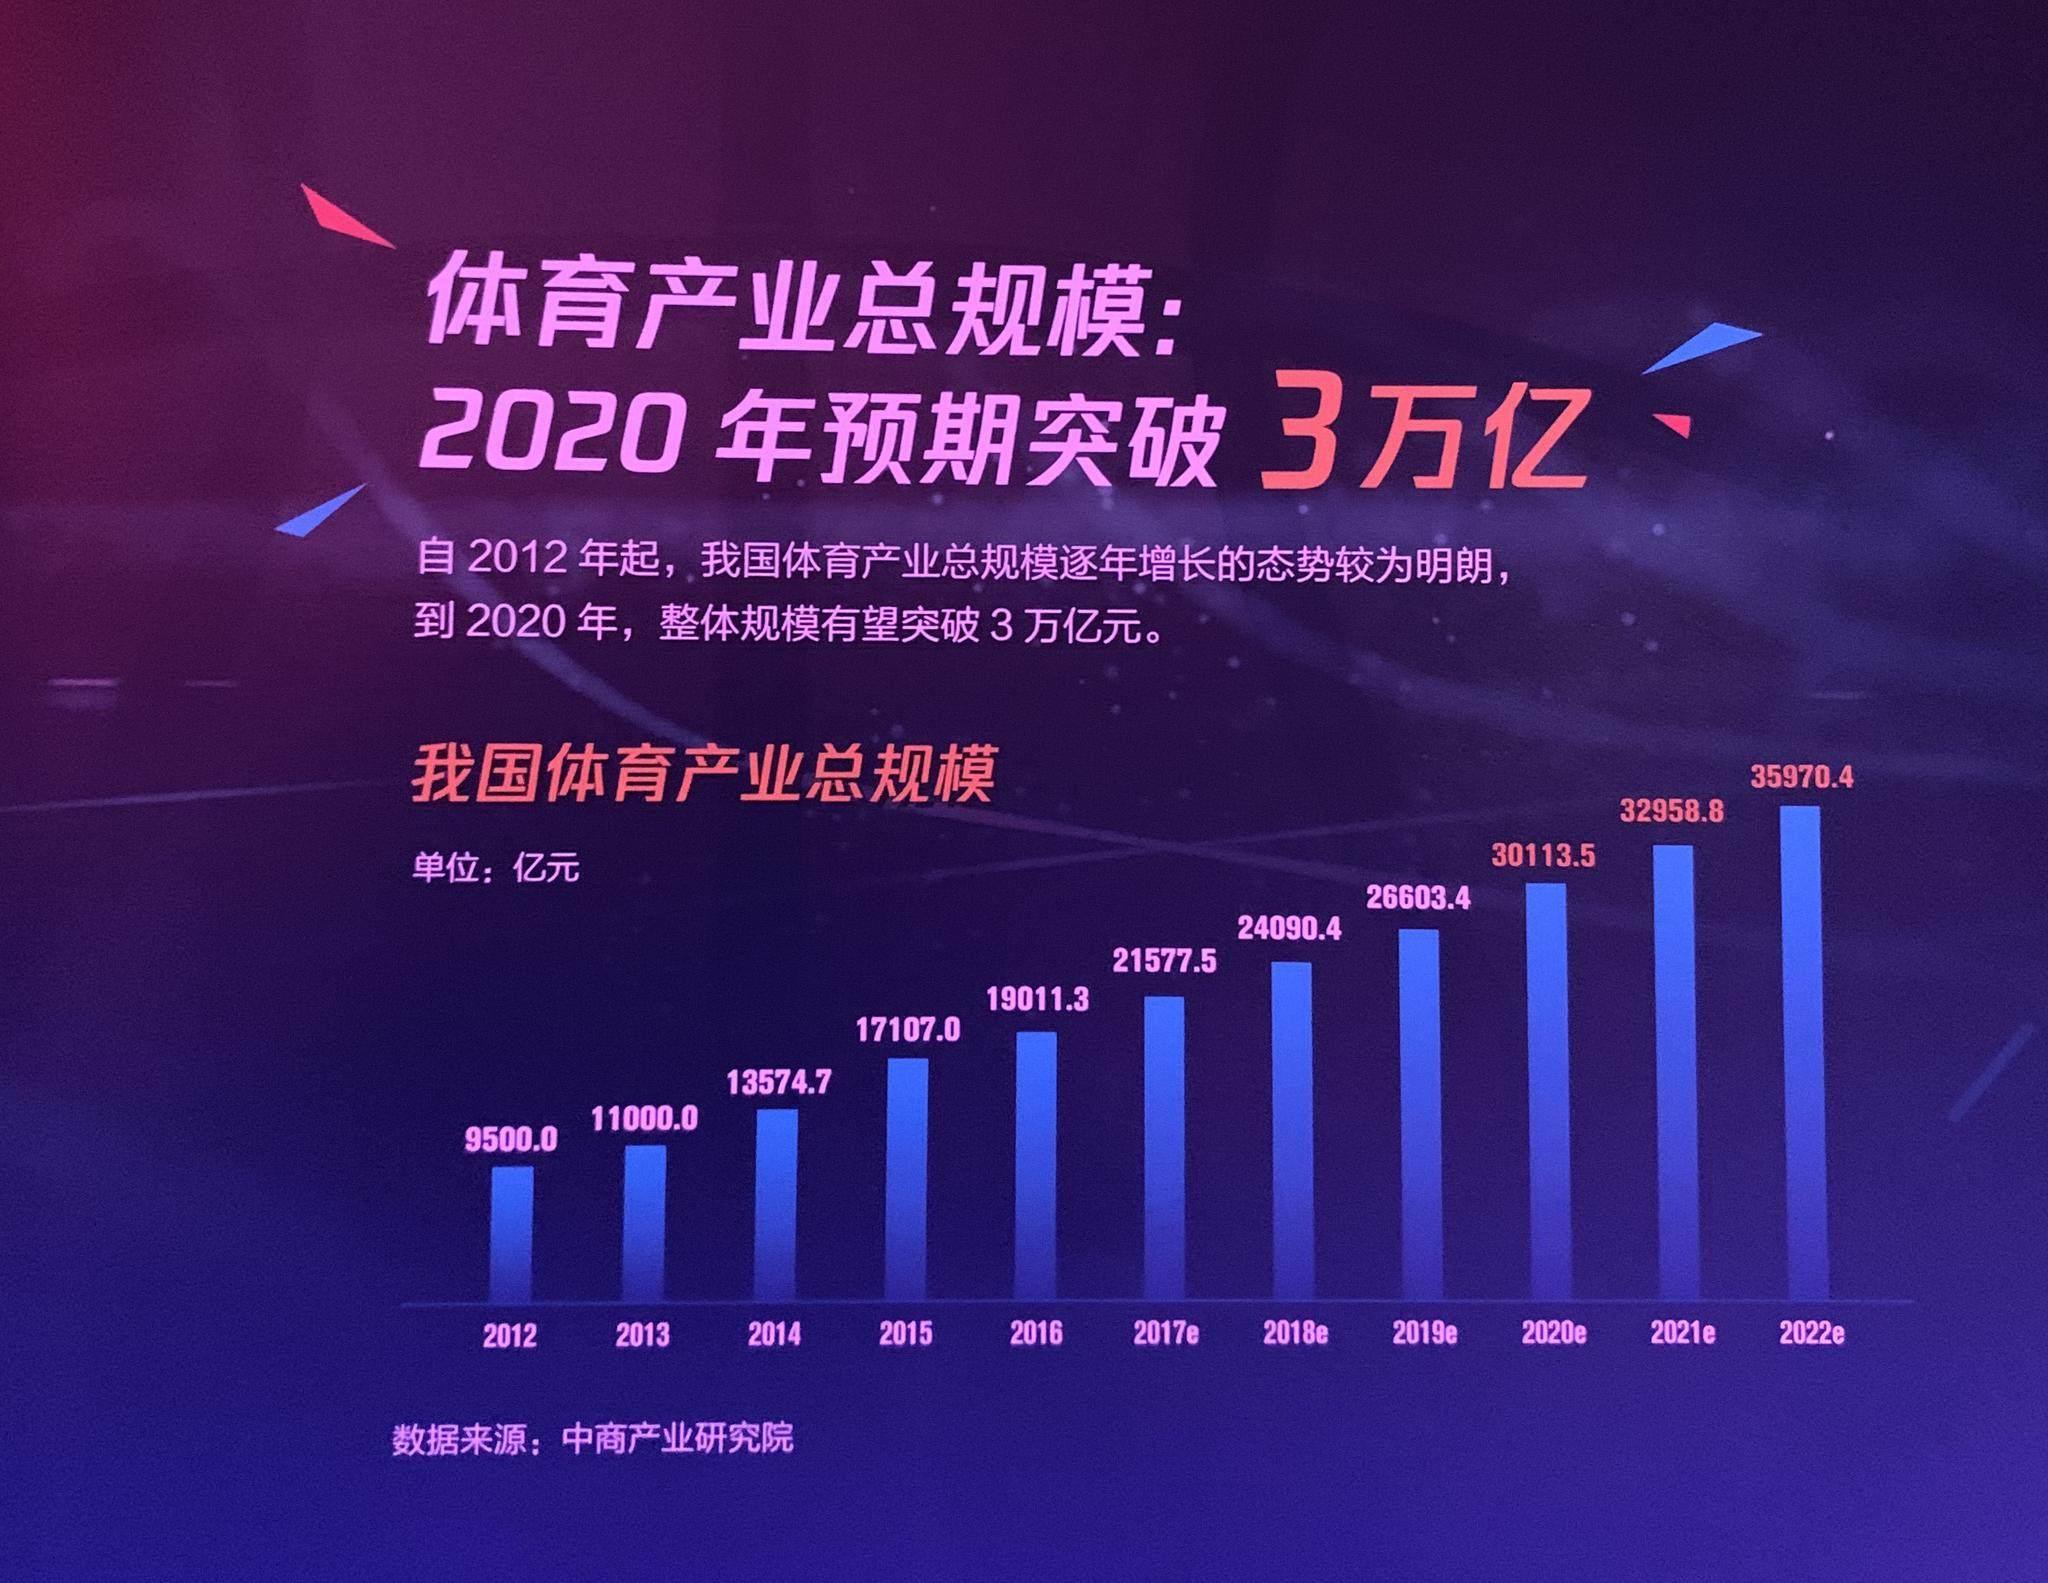 2019篮球世界杯将在中国举办 新一轮体育营销大战一触即发